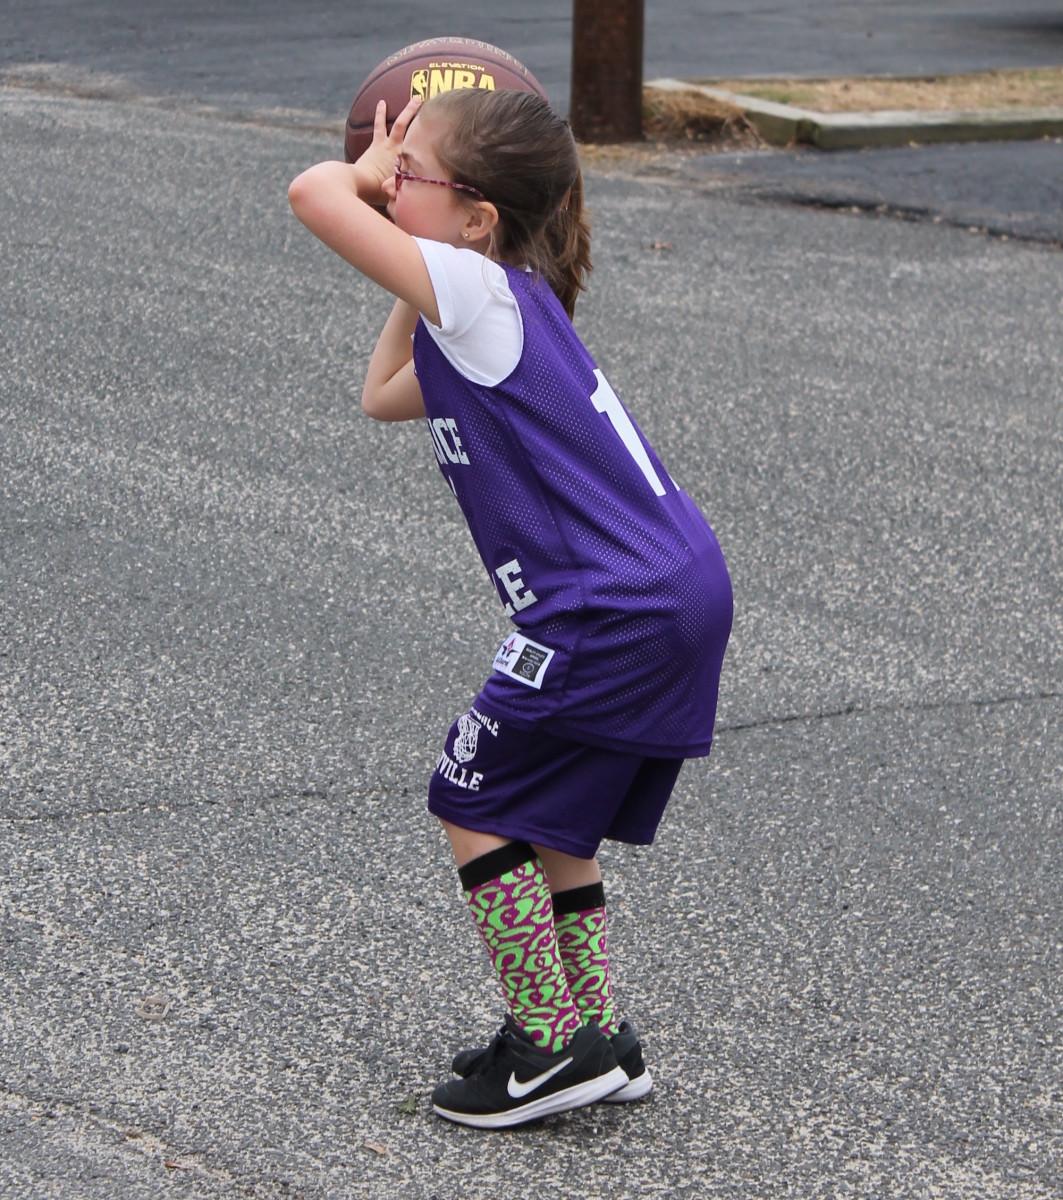 shootingbasketball